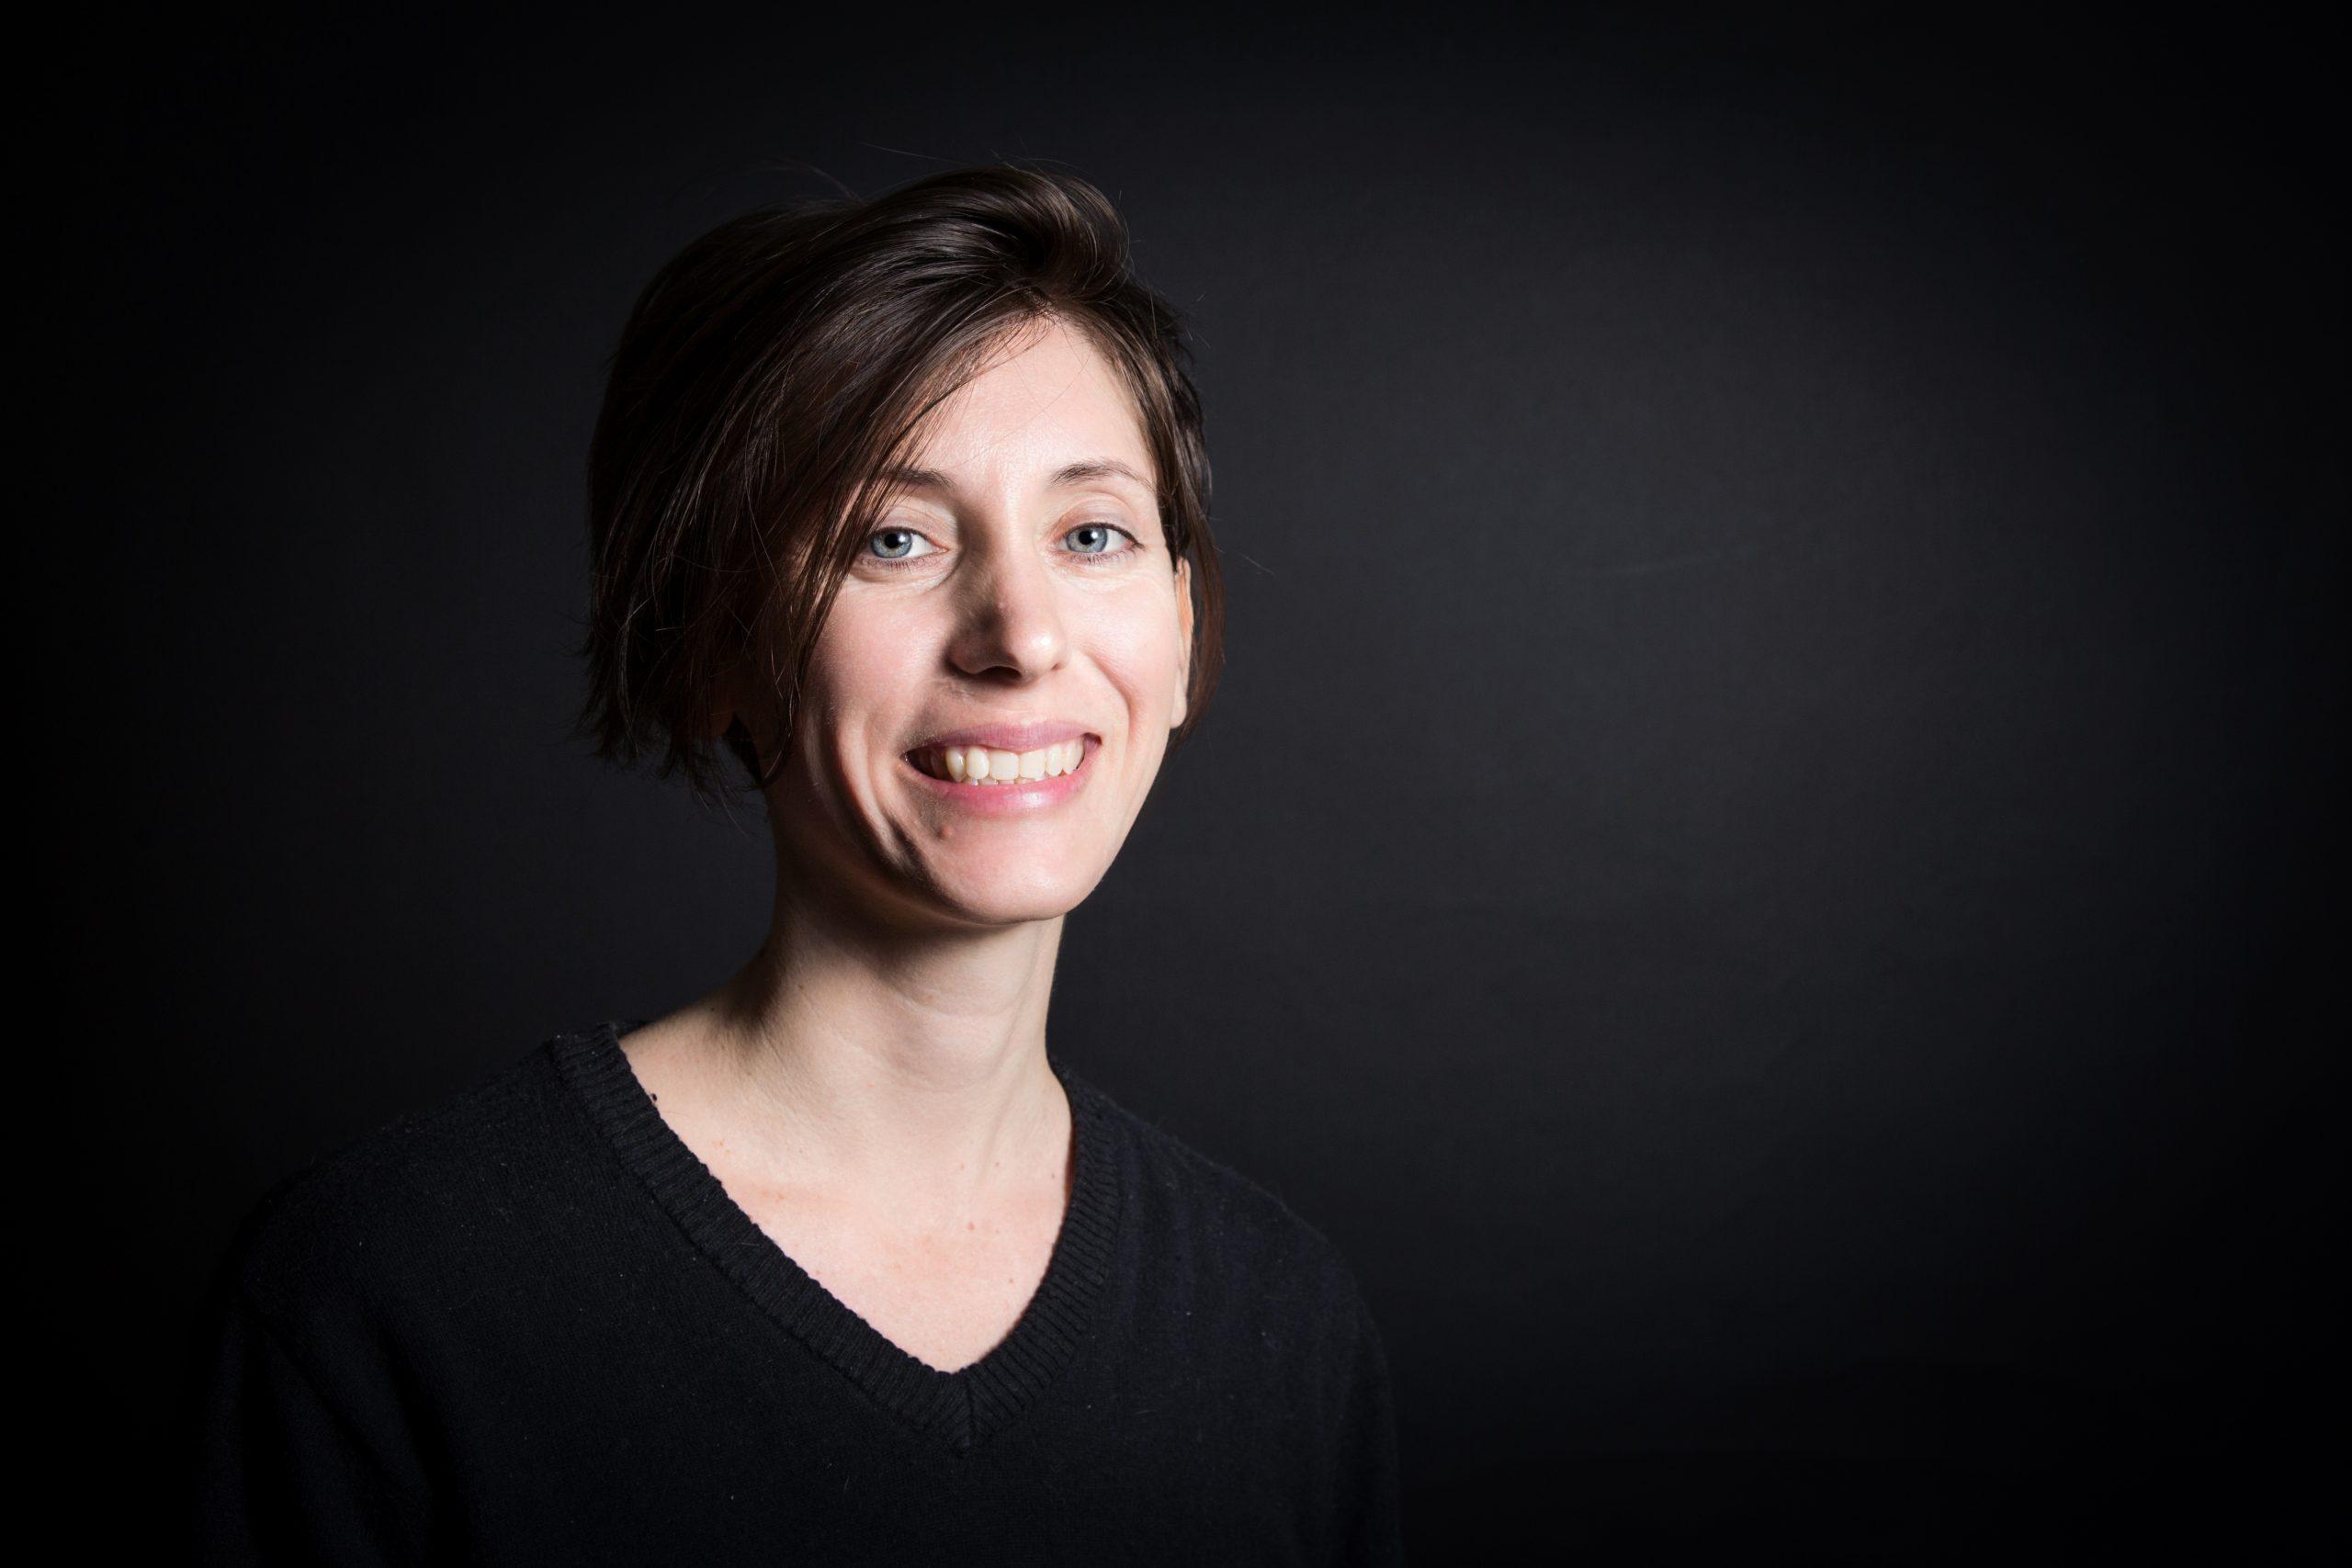 Jill Locascio